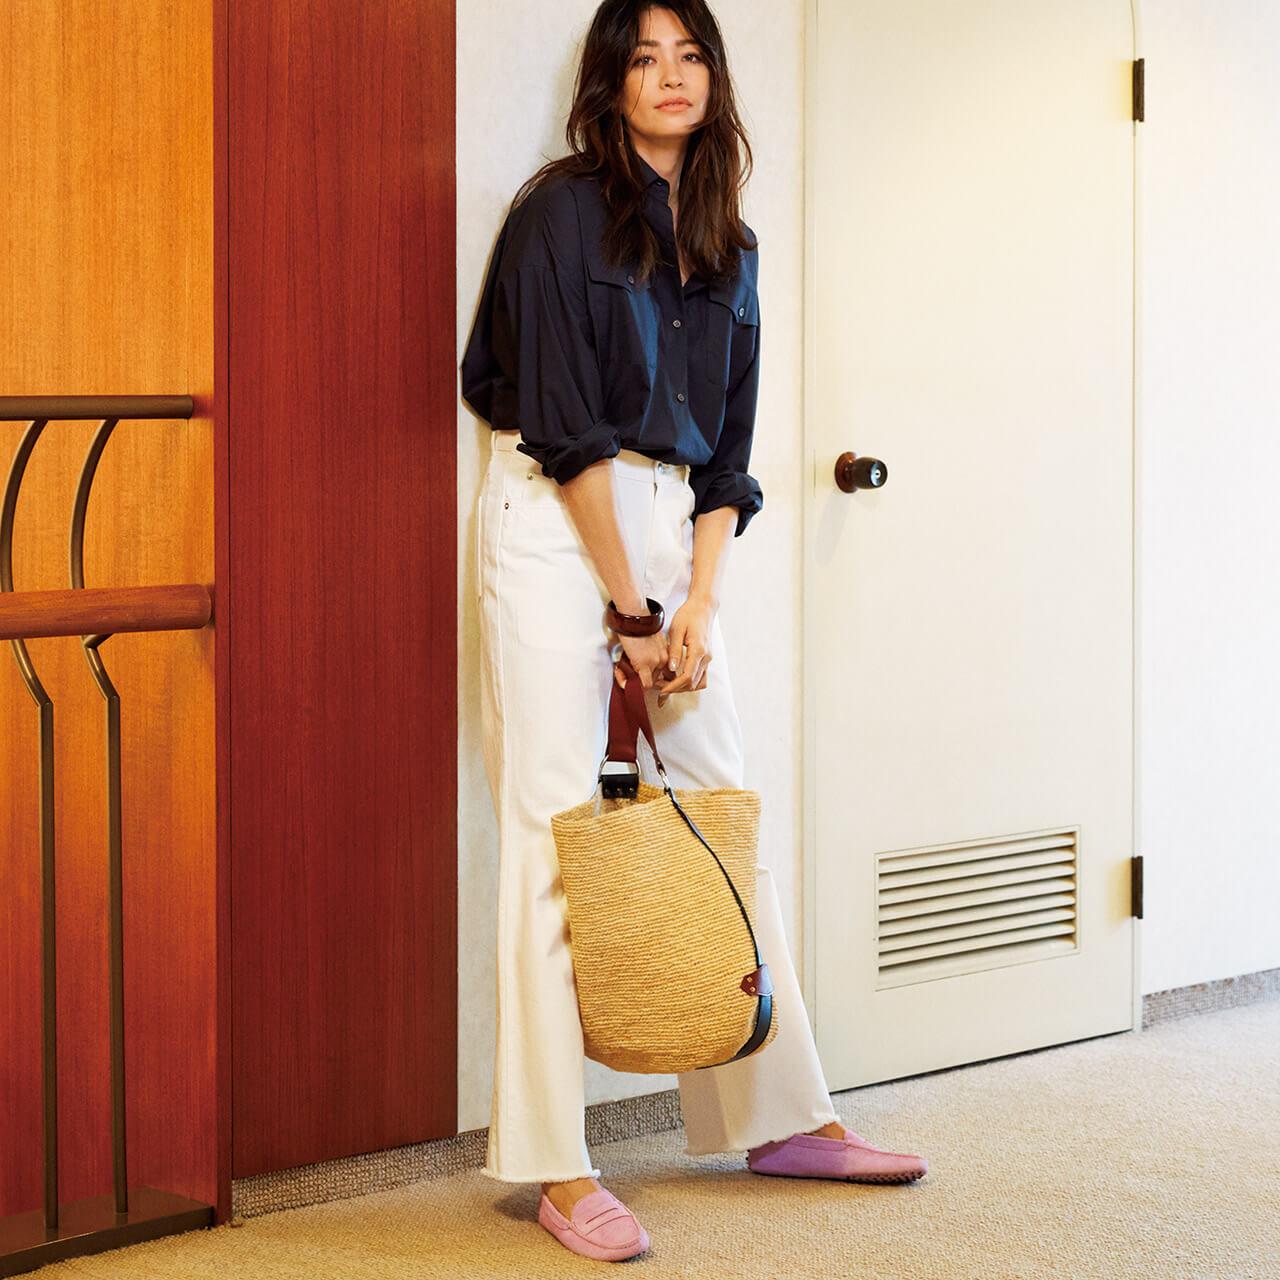 ストロー素材もビッグバケットバッグを持ったネイビーシャツ×白パンツを着こなすモデルのRINAさん